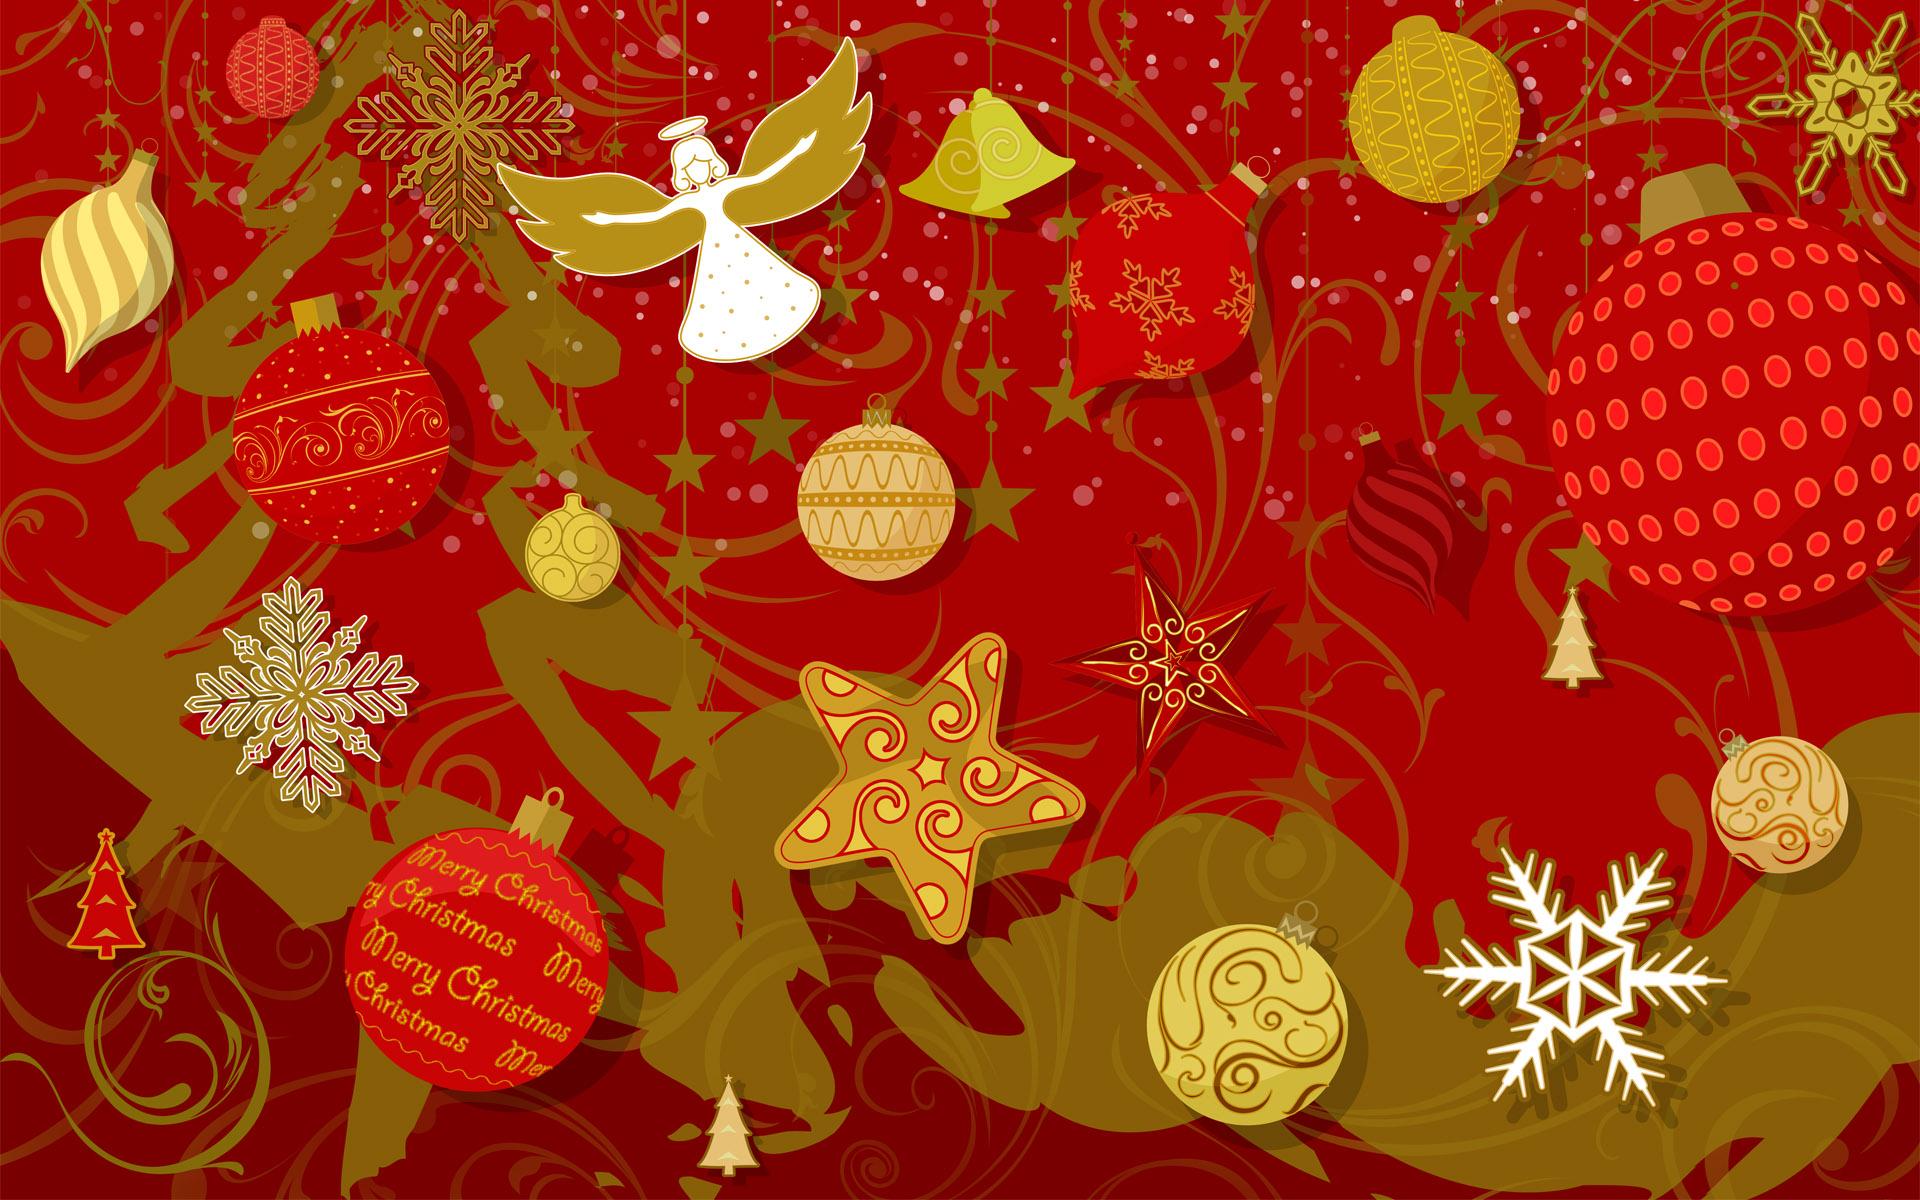 Abstracto Un Excelente De Figuras Navidad Tama O 626483 Wallpaper wallpaper